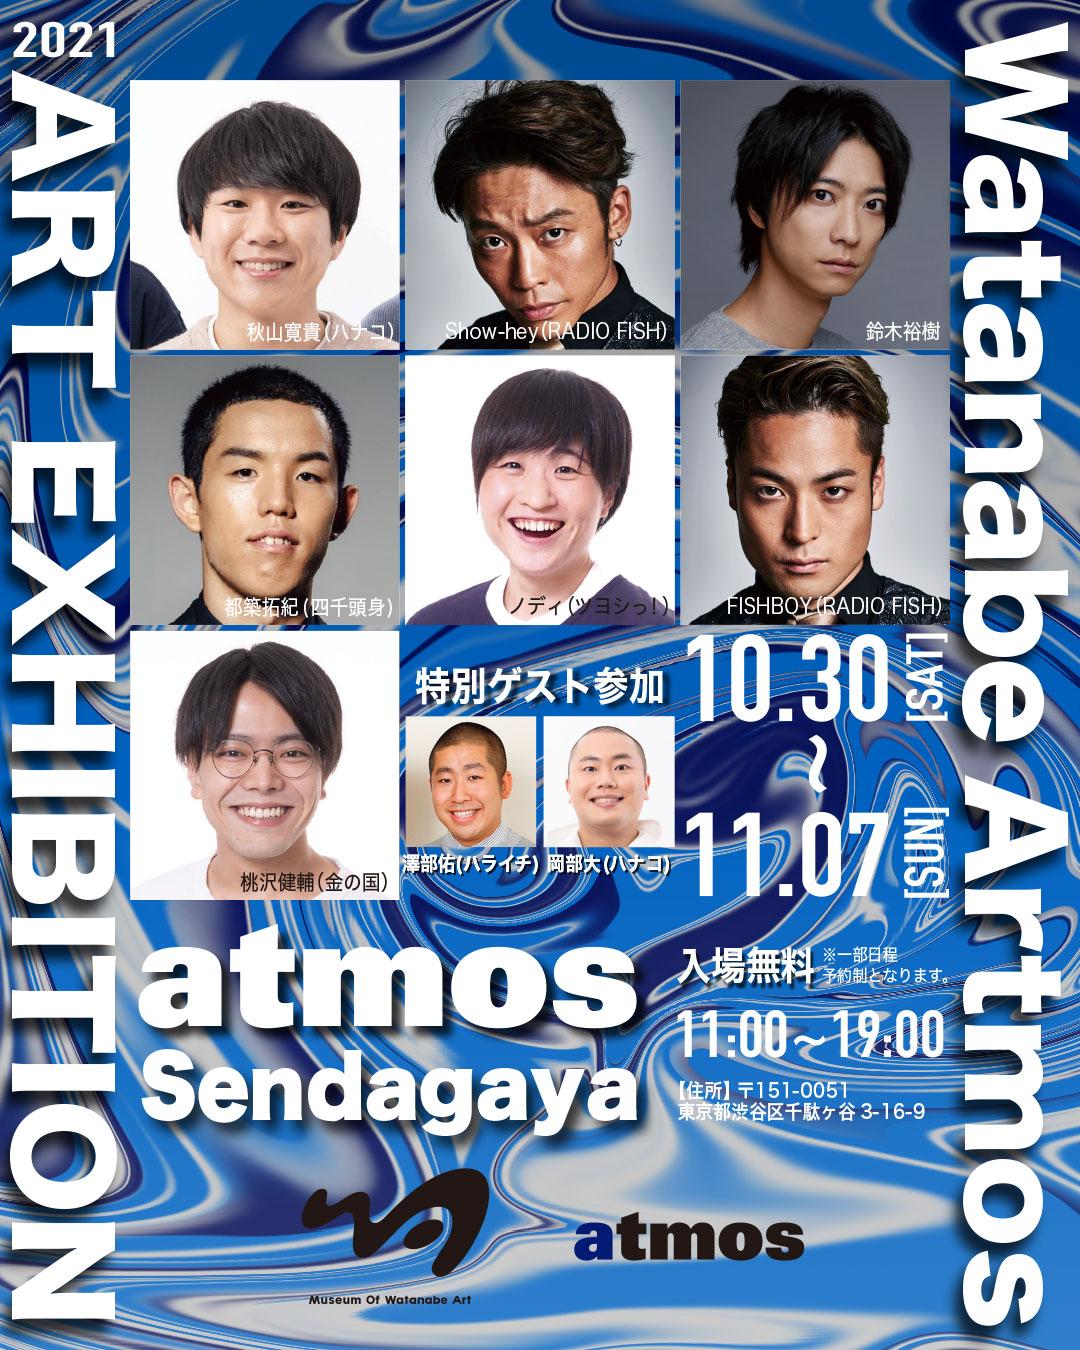 「ワタナベアートプロジェクト」と「atmos 」がコラボした特別 企画第2弾 【 WatanabeArtmos (ワタナベアトモス)】 アートエキシビションがatmos 千駄ヶ谷にて開催!